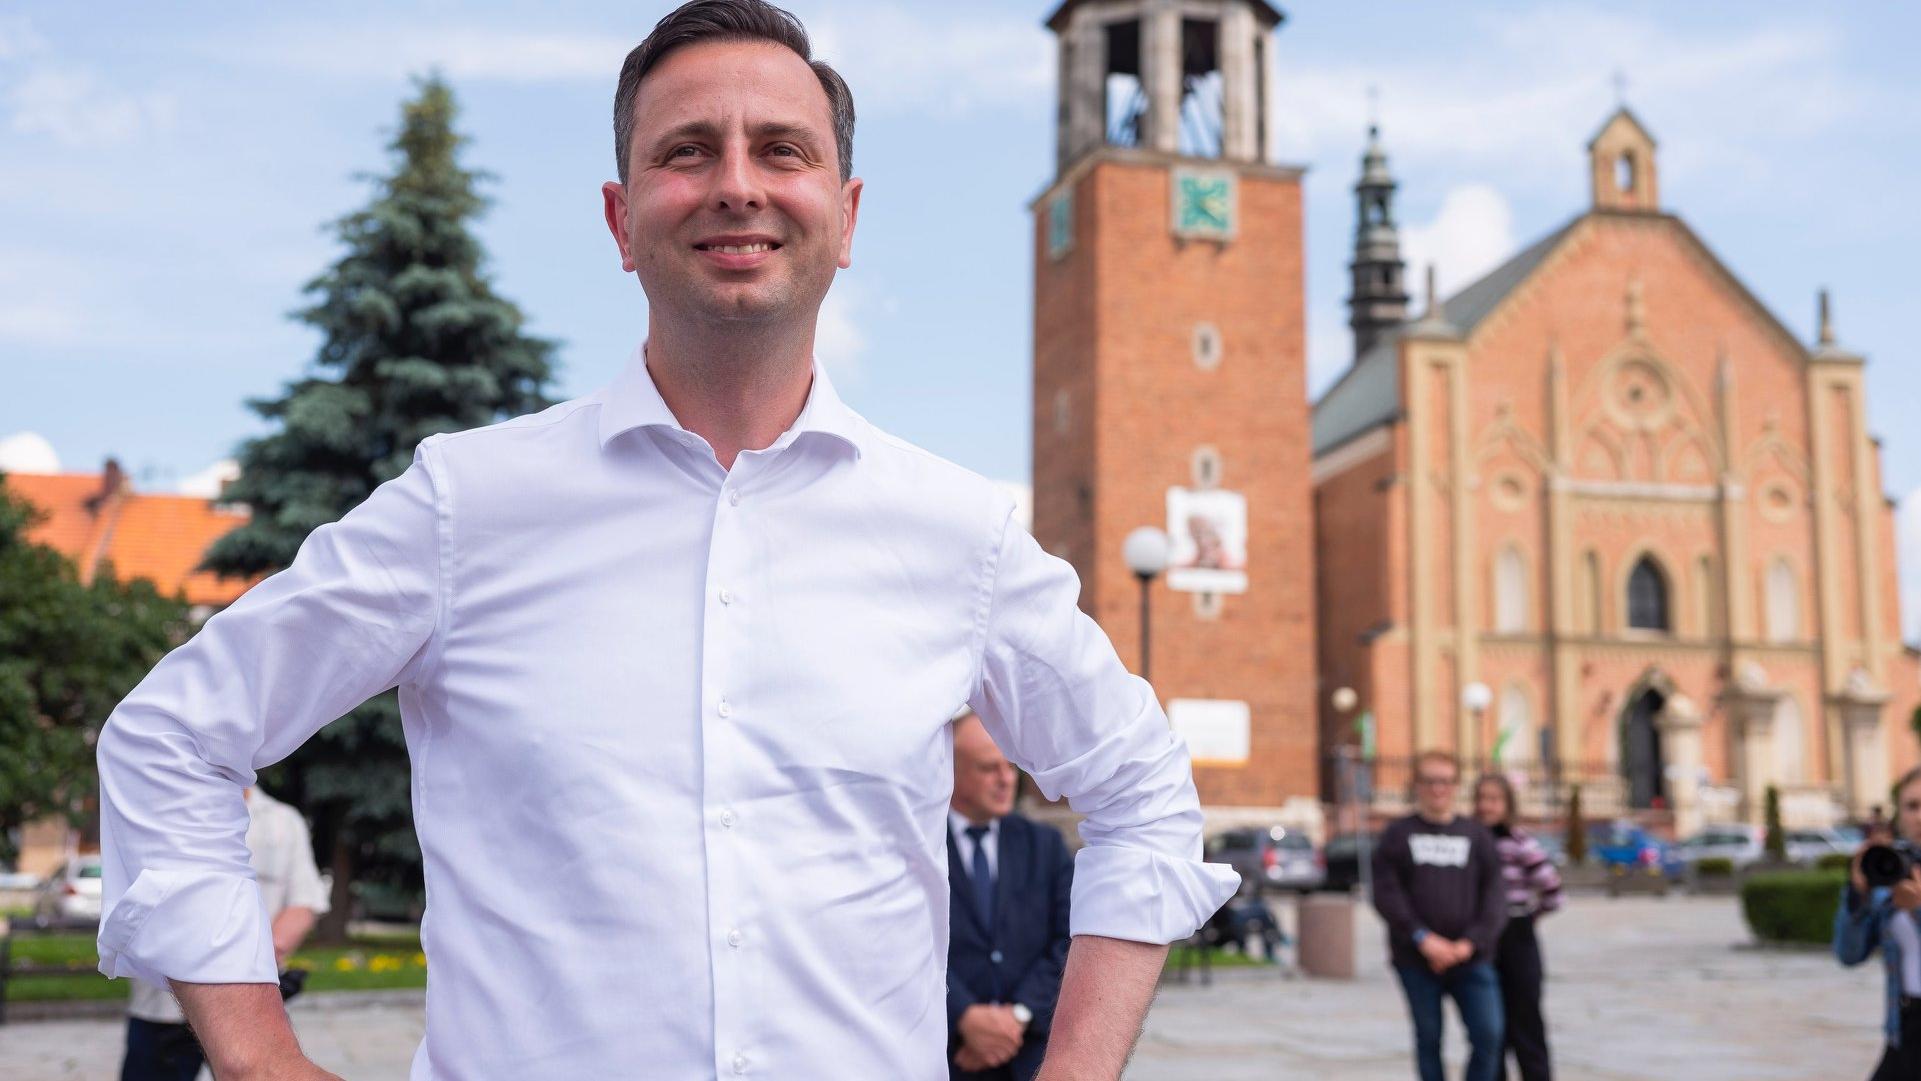 Kosiniak-Kamysz obwinia opozycję: Dali pretekst do wprowadzenia stanu wyjątkowego